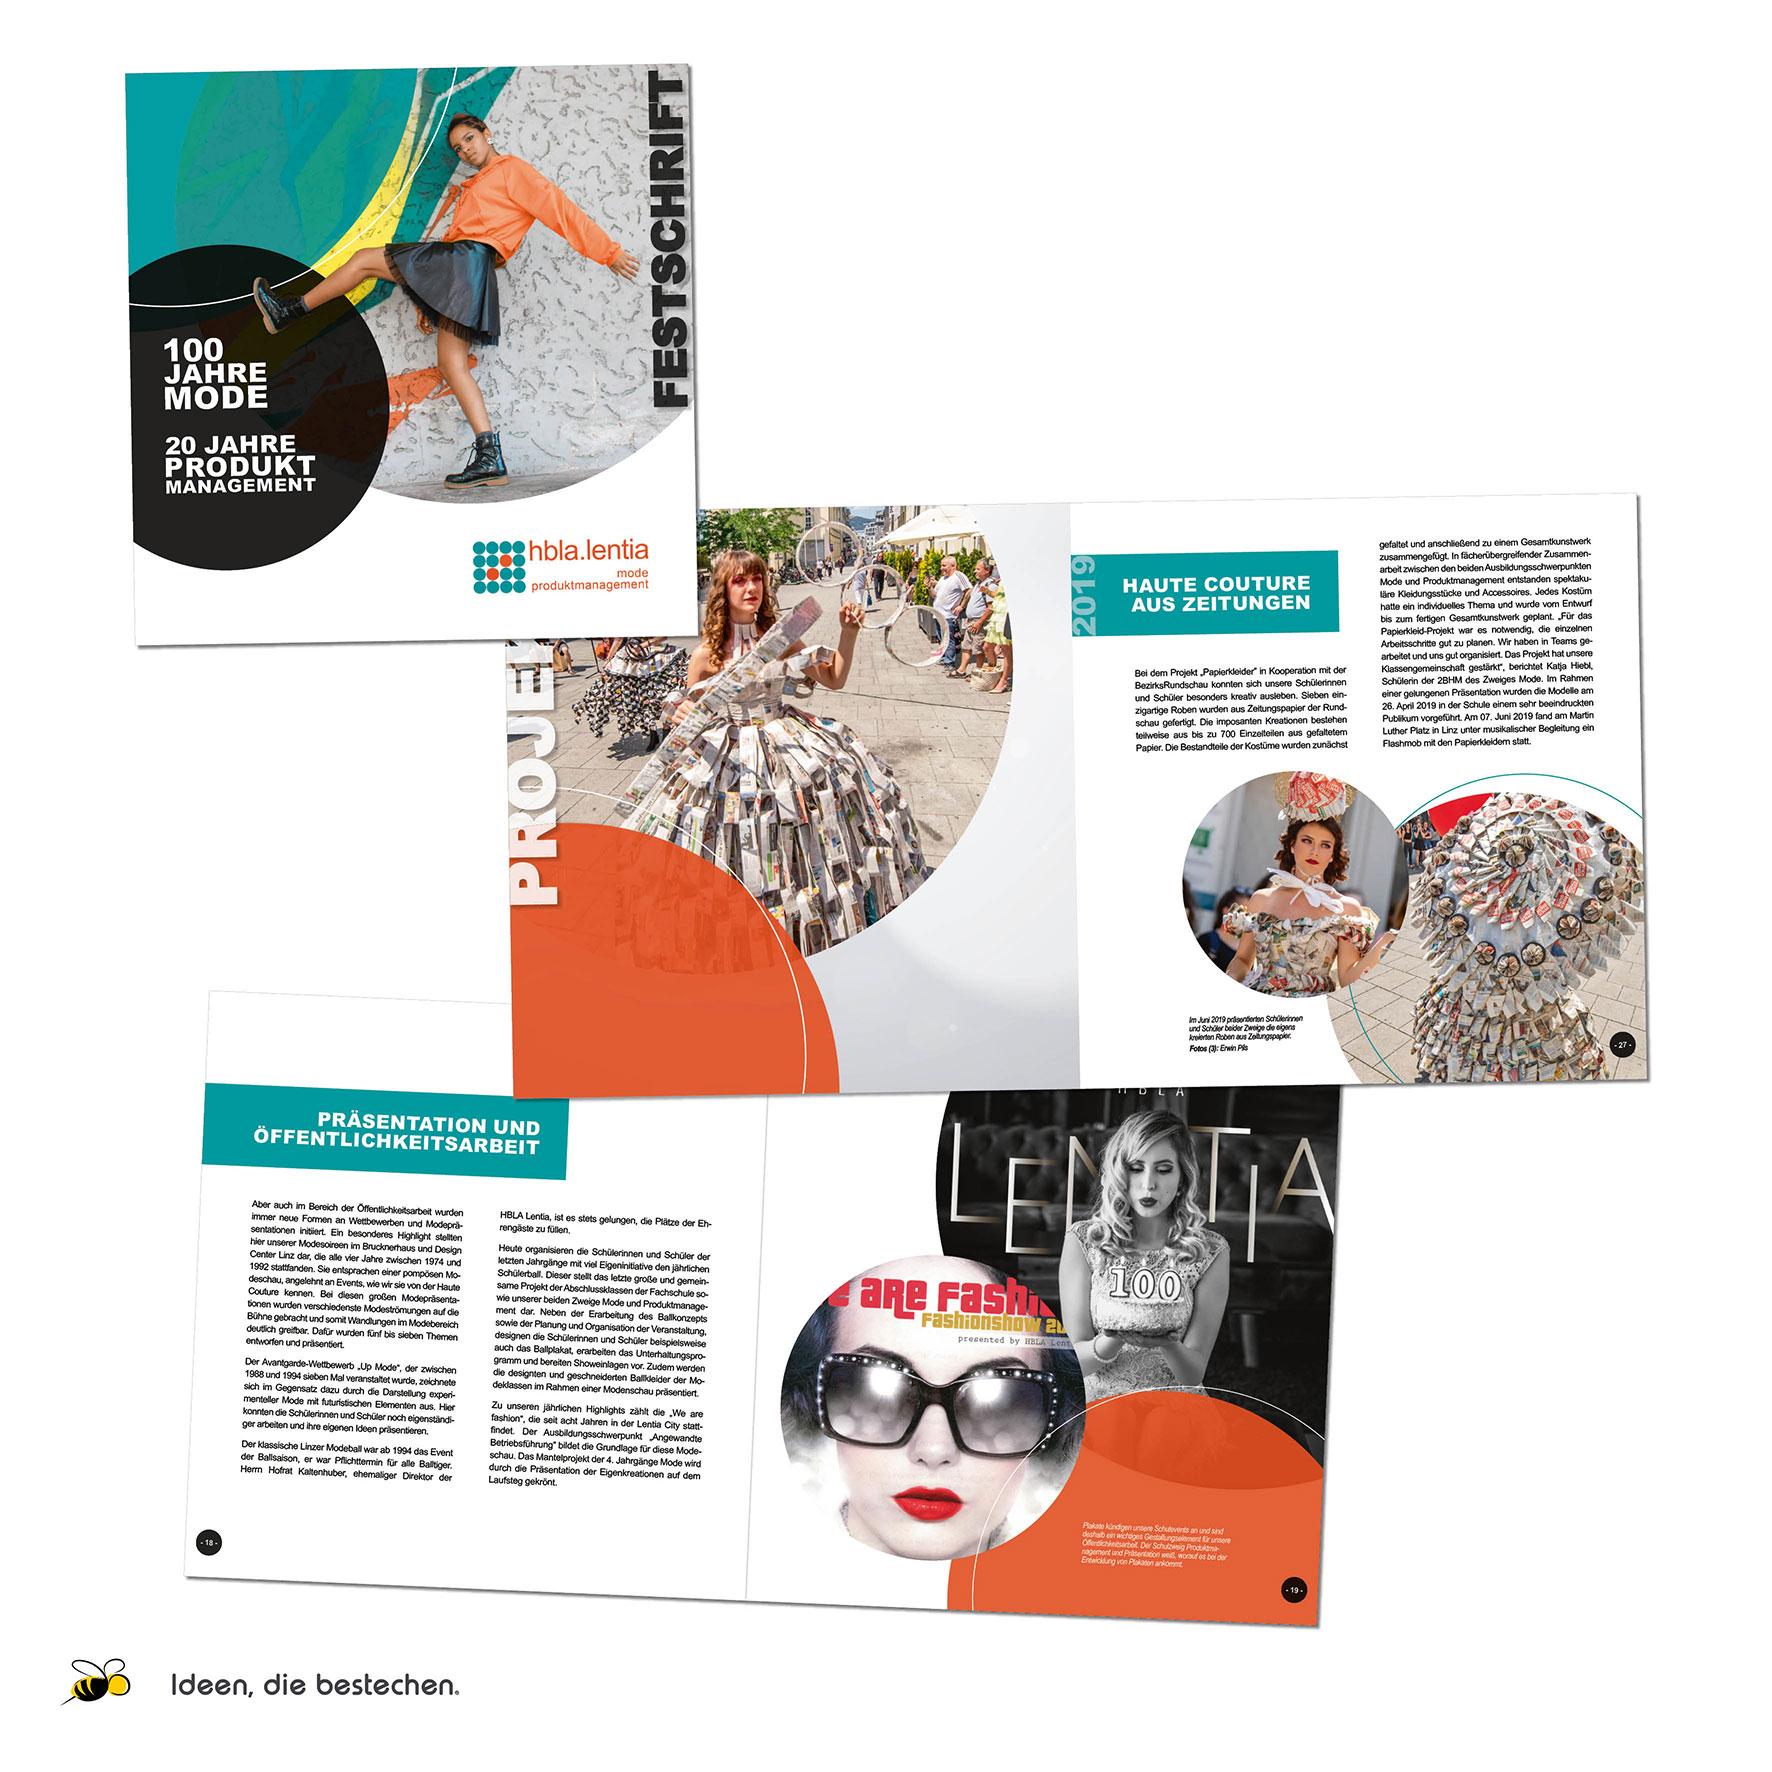 Referenzen kreativbiene: Festschrift HBLA Lentia